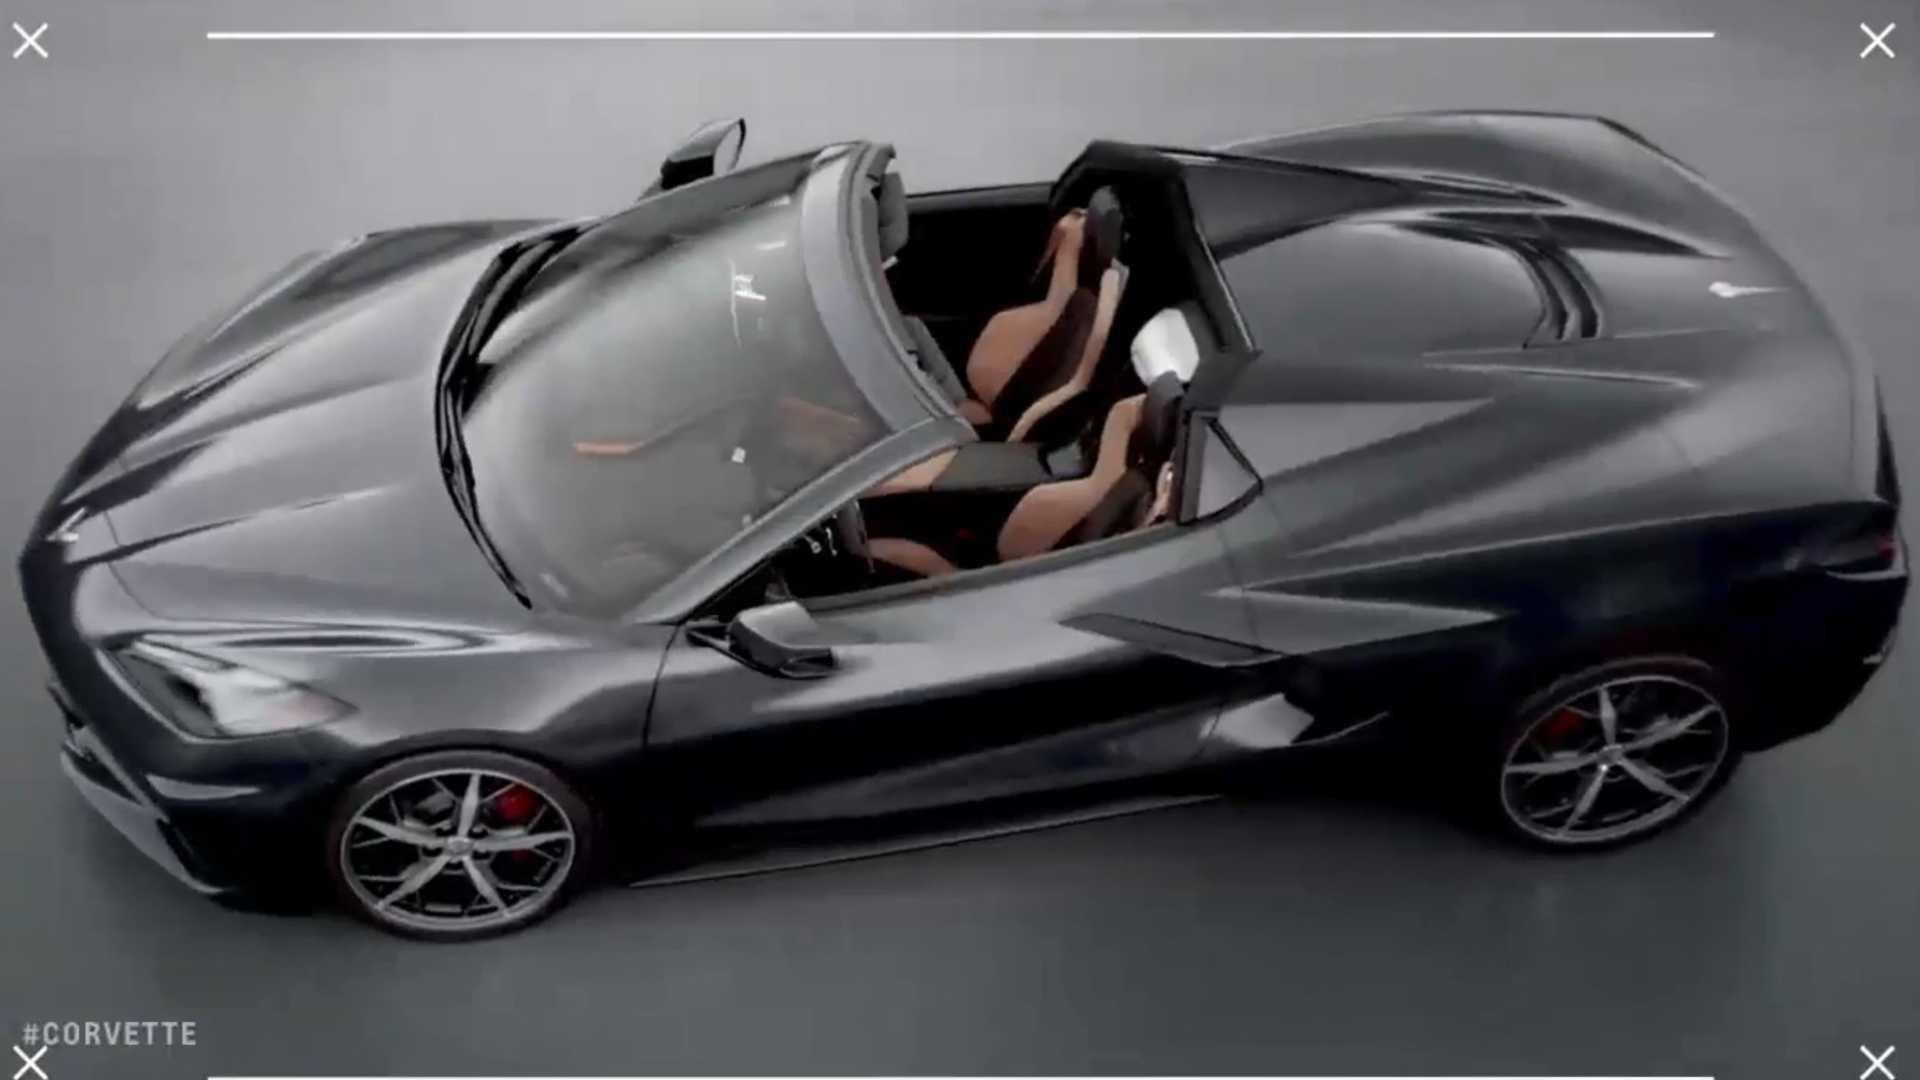 Corvette (C8) Convetible